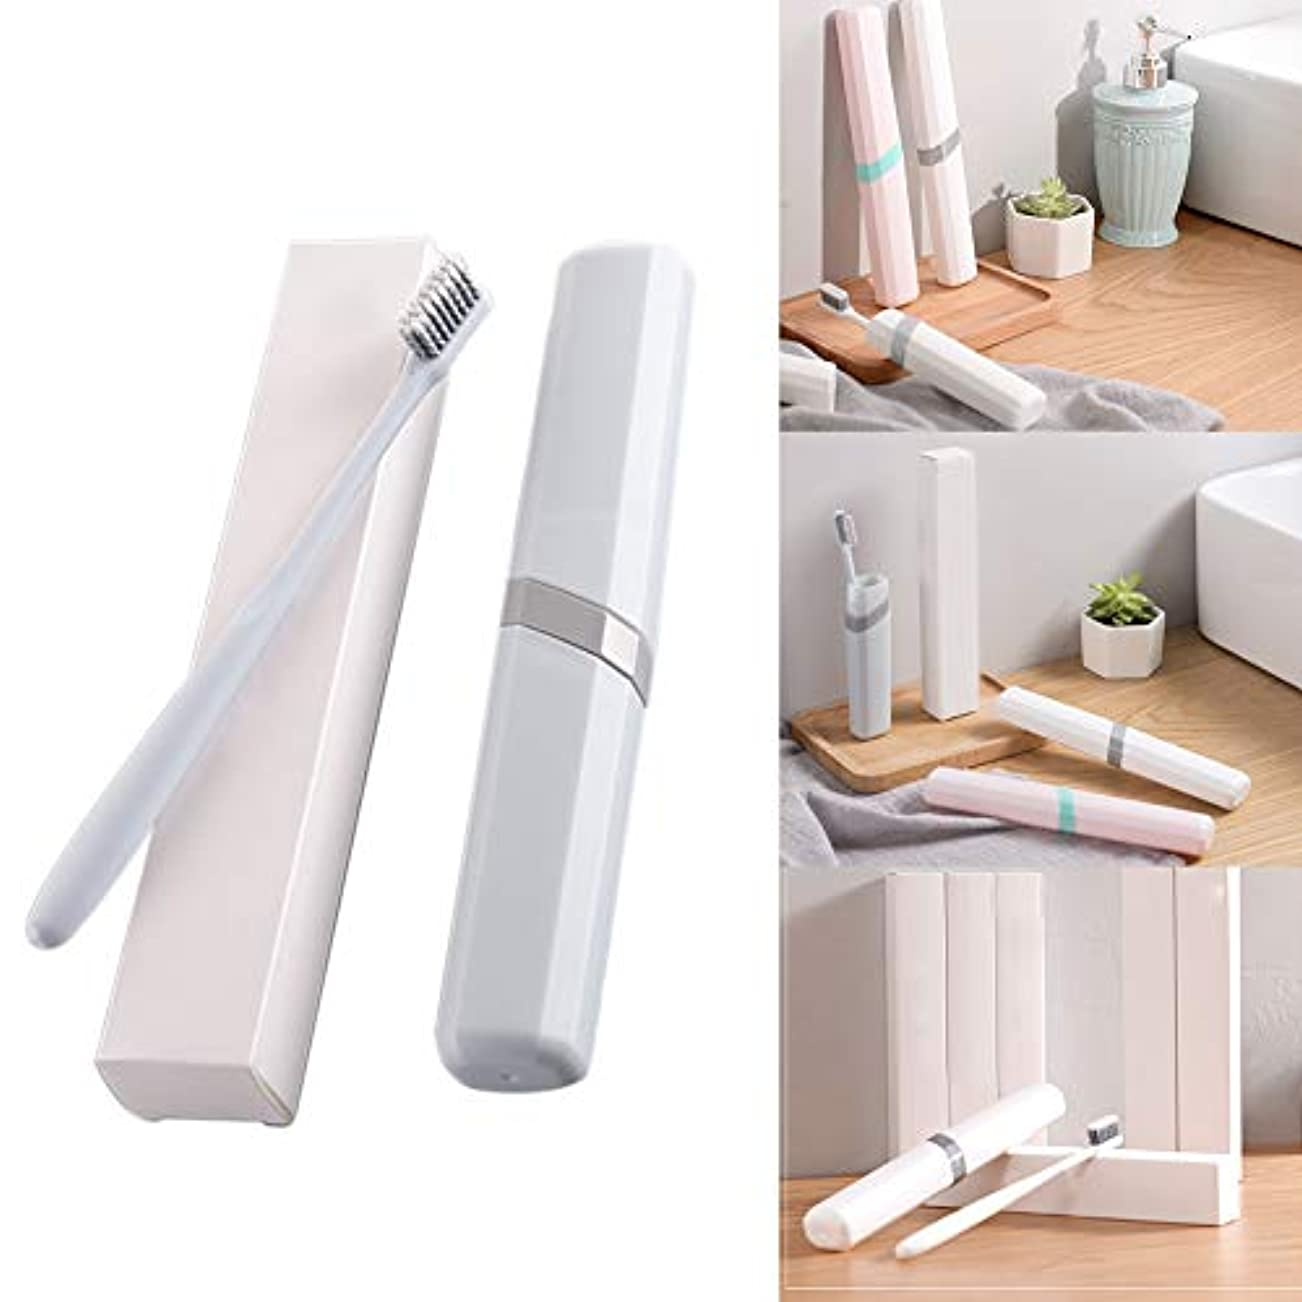 見込みペットレイプ歯ブラシケース付きトラベルカバー、歯ブラシ1個、プラスチックホルダー、清潔なブラシを休日に保管(白、ピンク、青)